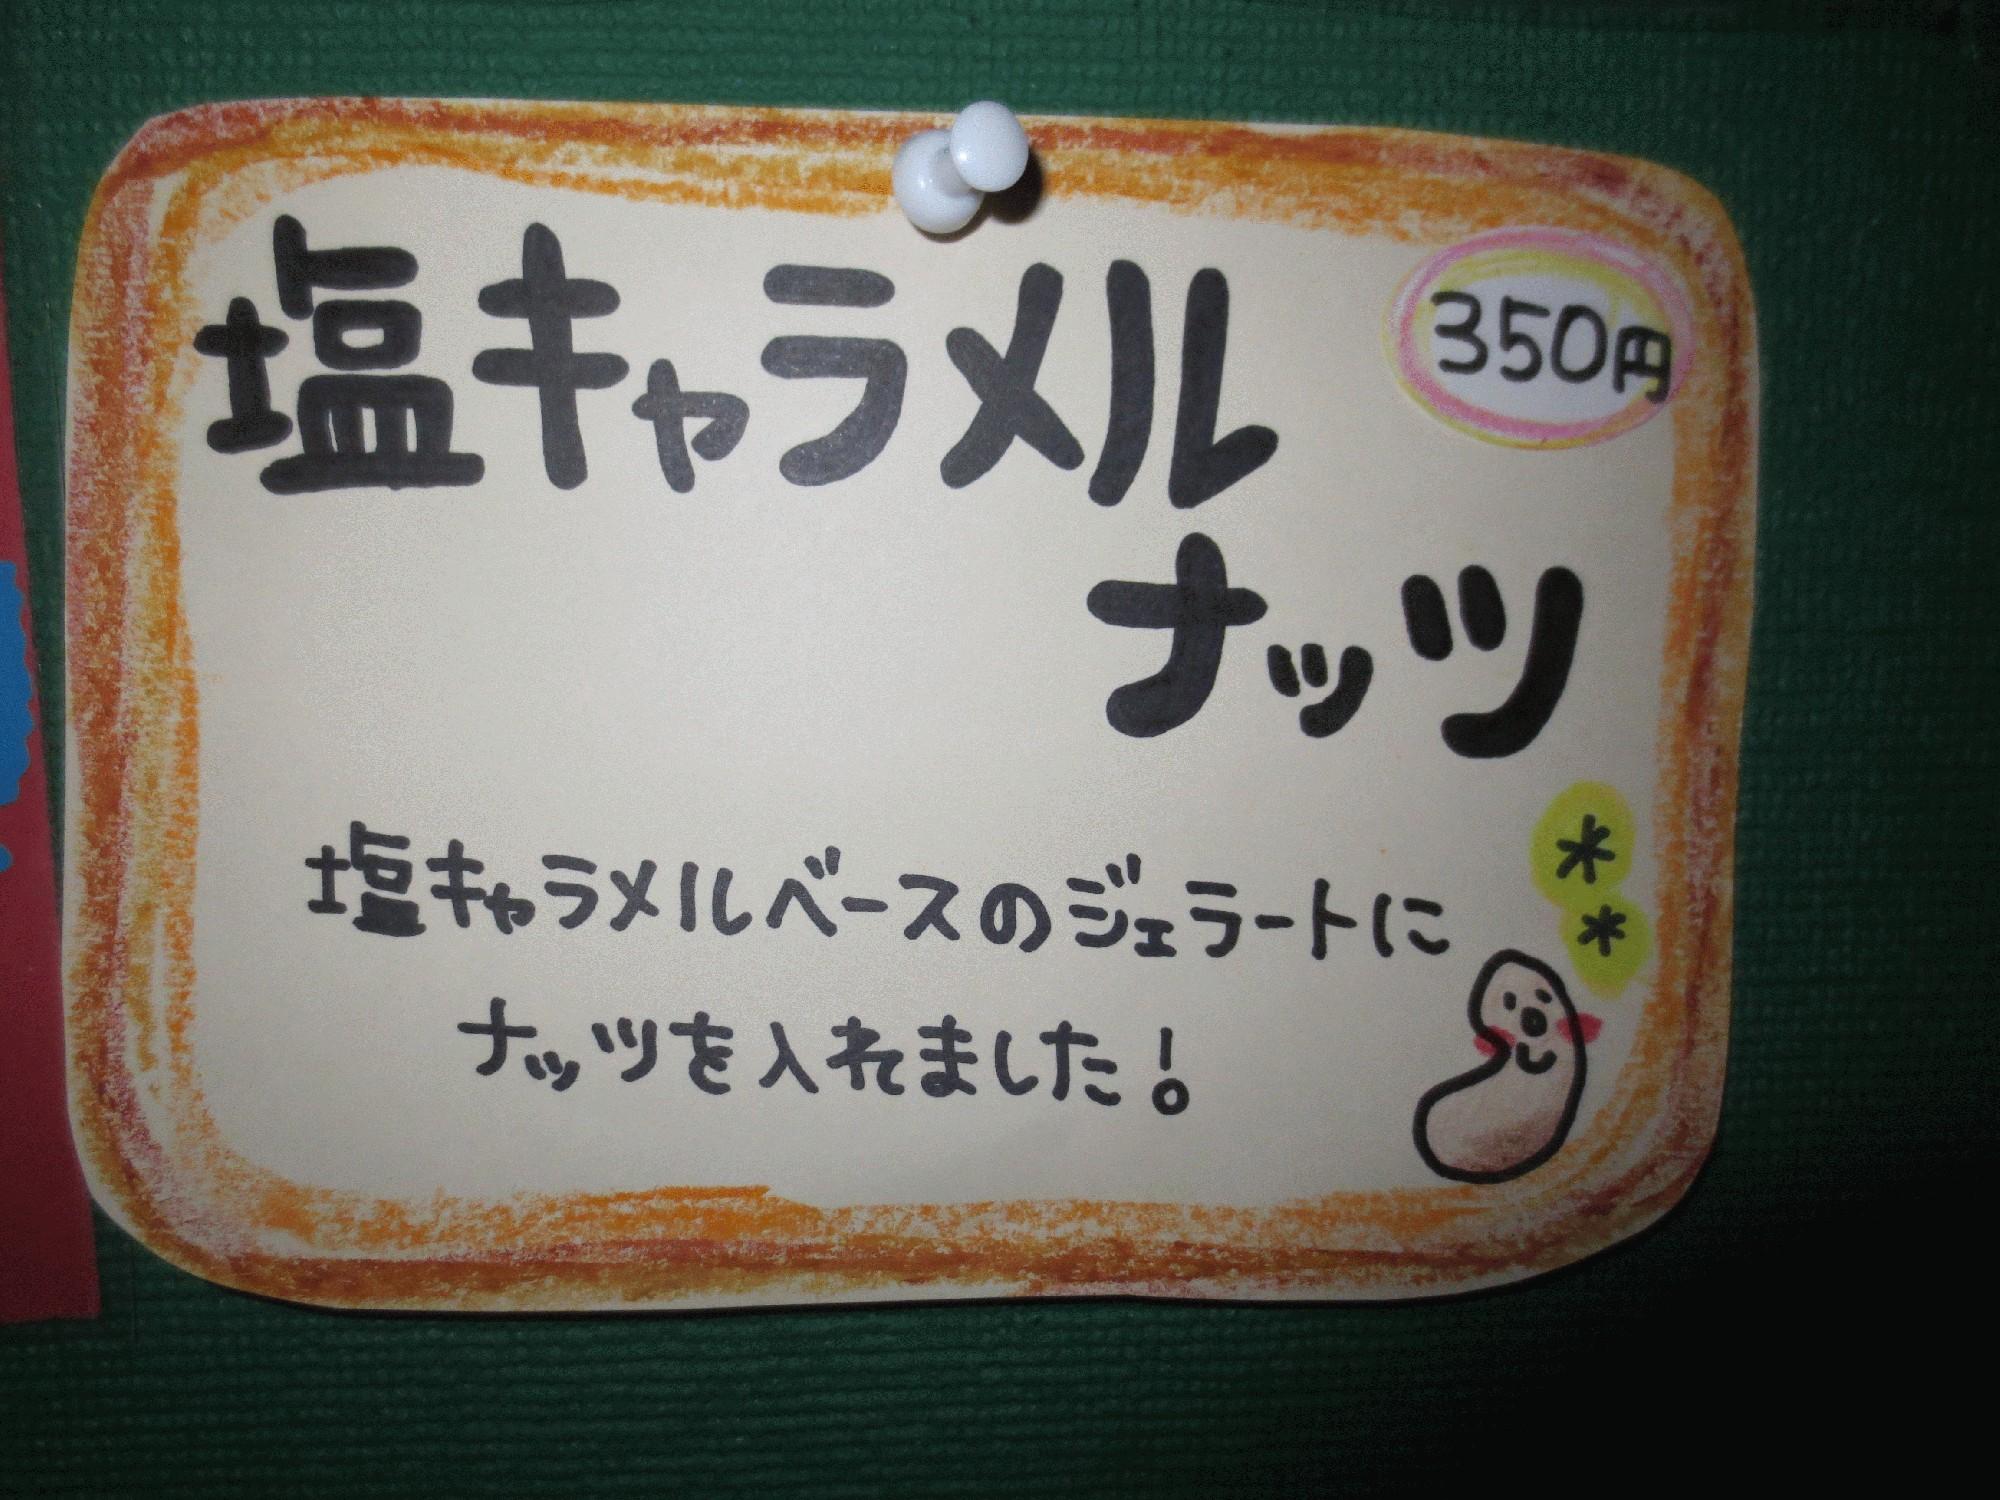 塩キャラメルナッツ 350円